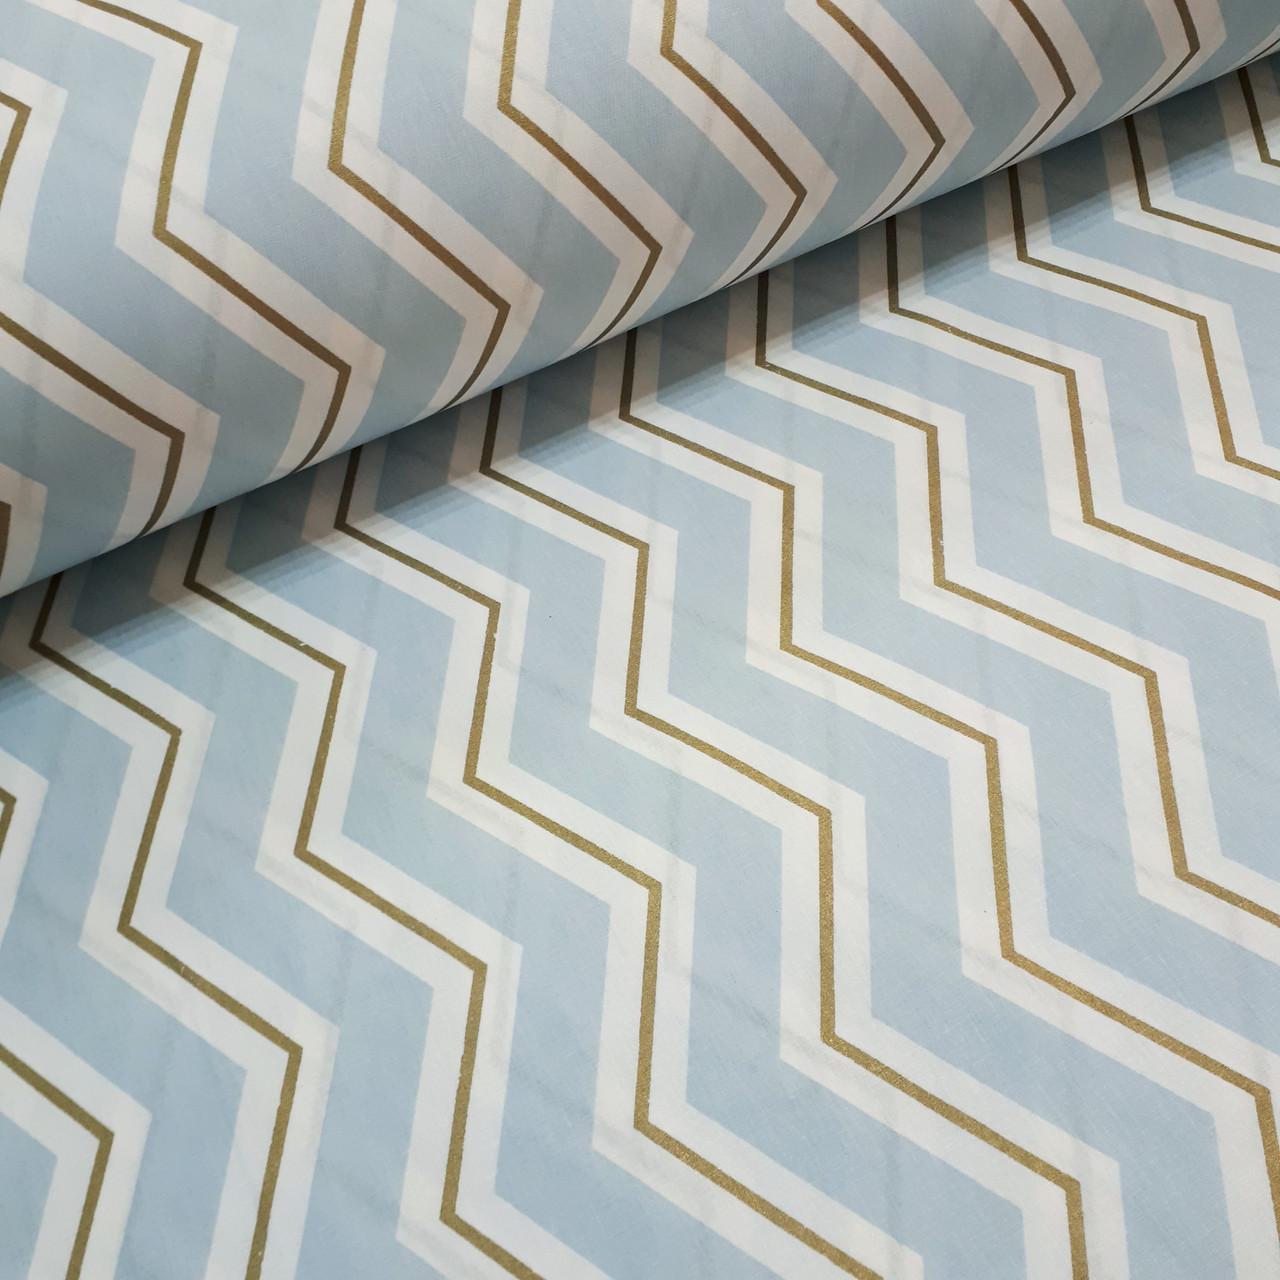 Ткань поплин зигзаг голубой широкий с золотым глиттером (ТУРЦИЯ шир. 2,4 м) №33-59